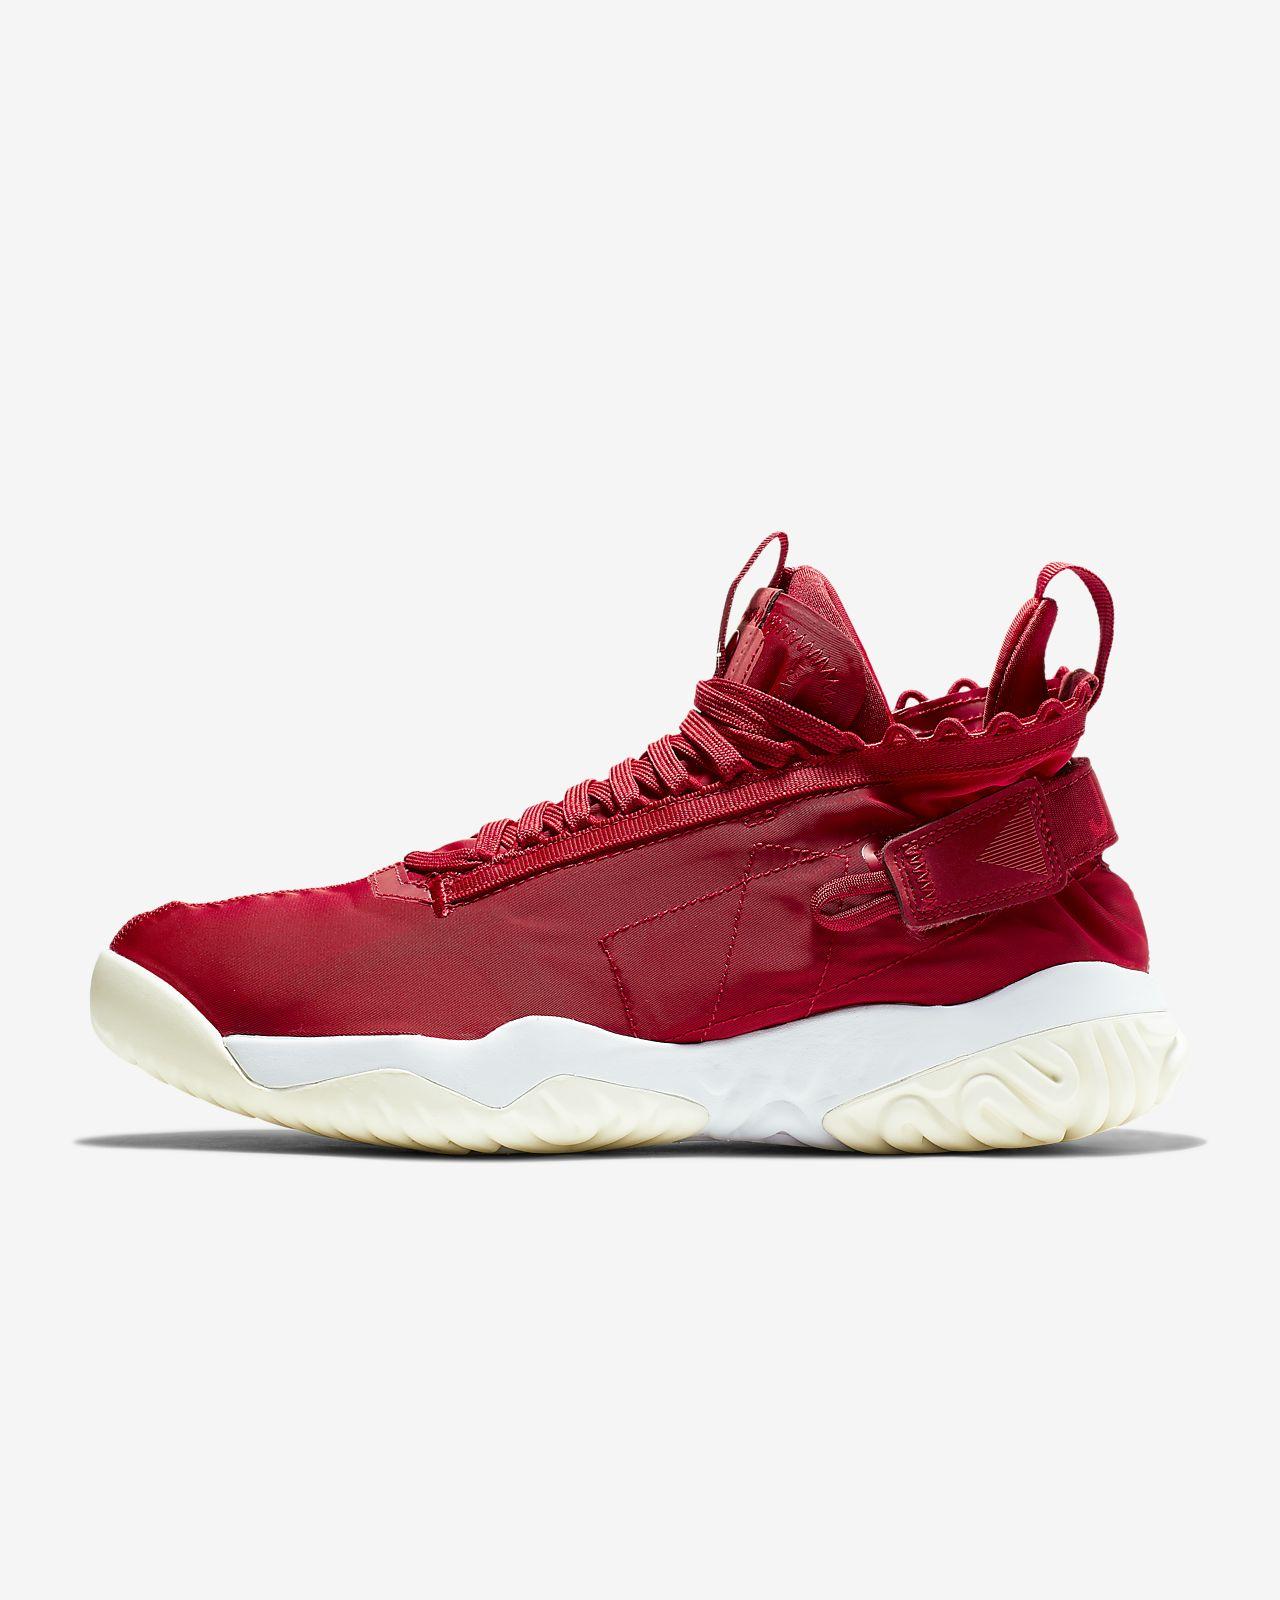 รองเท้าผู้ชาย Jordan Proto-React